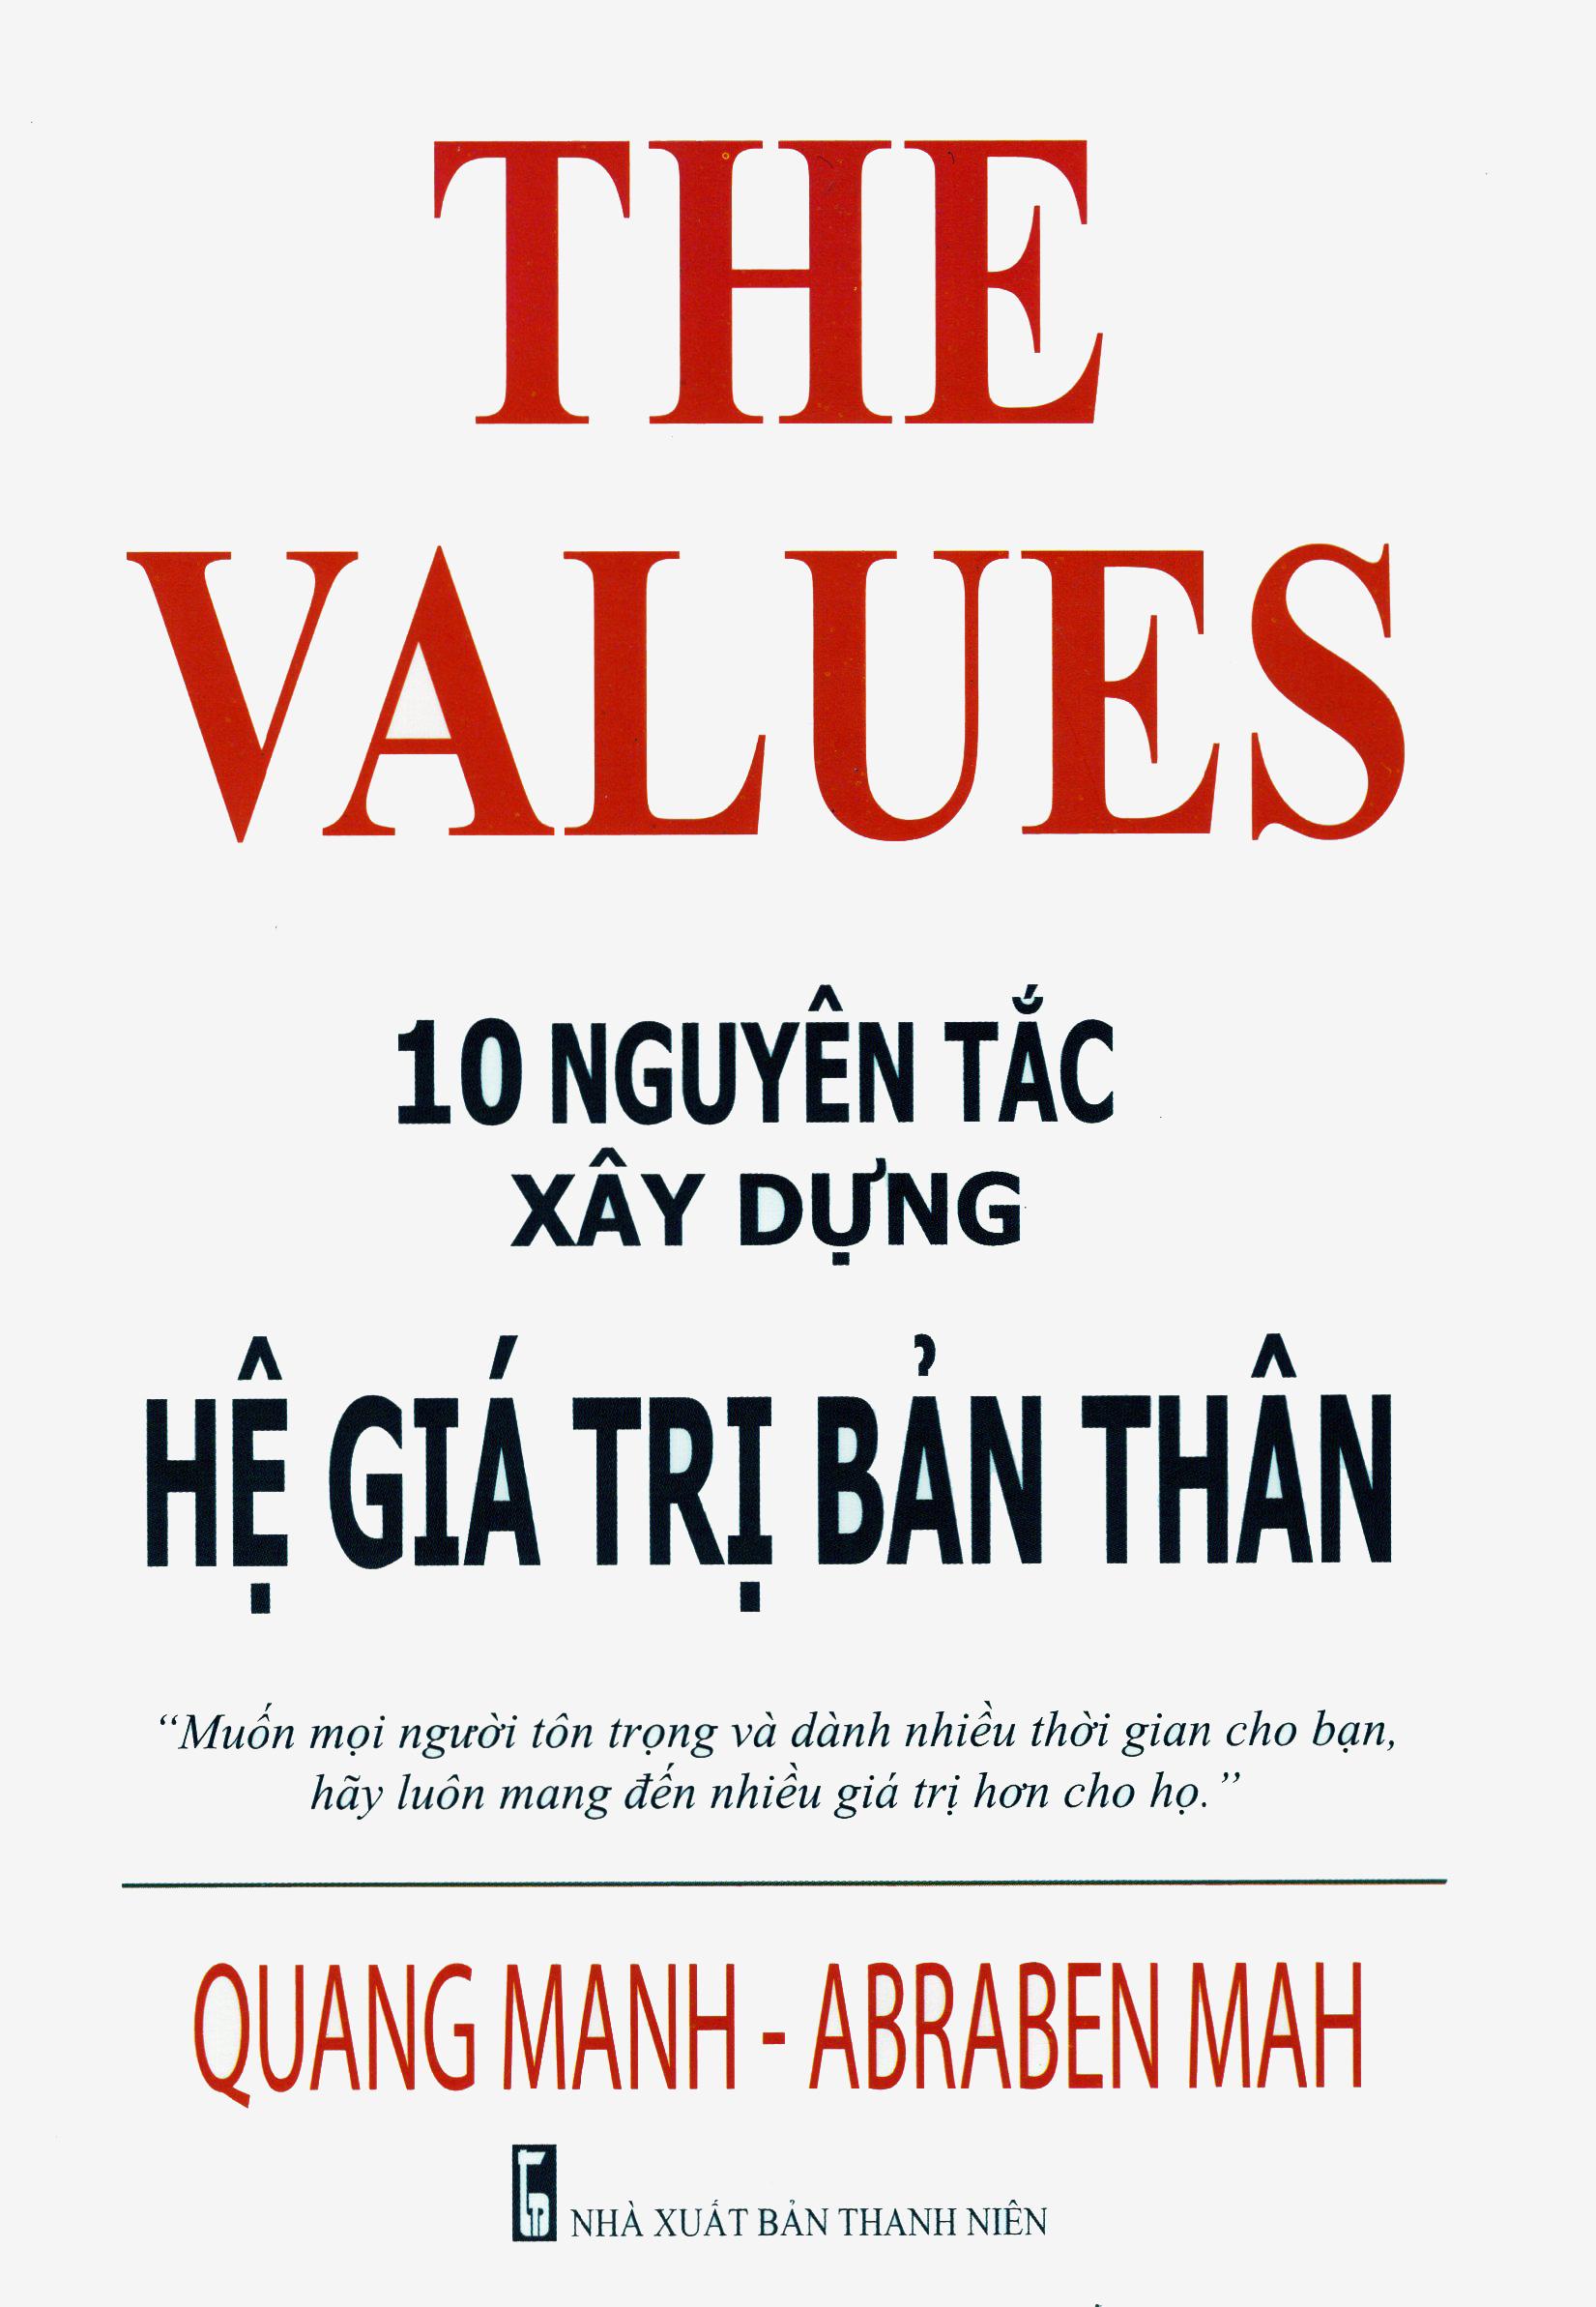 Bìa sách The Values - 10 Nguyên Tắc Xây Dựng Hệ Giá Trị Bản Thân